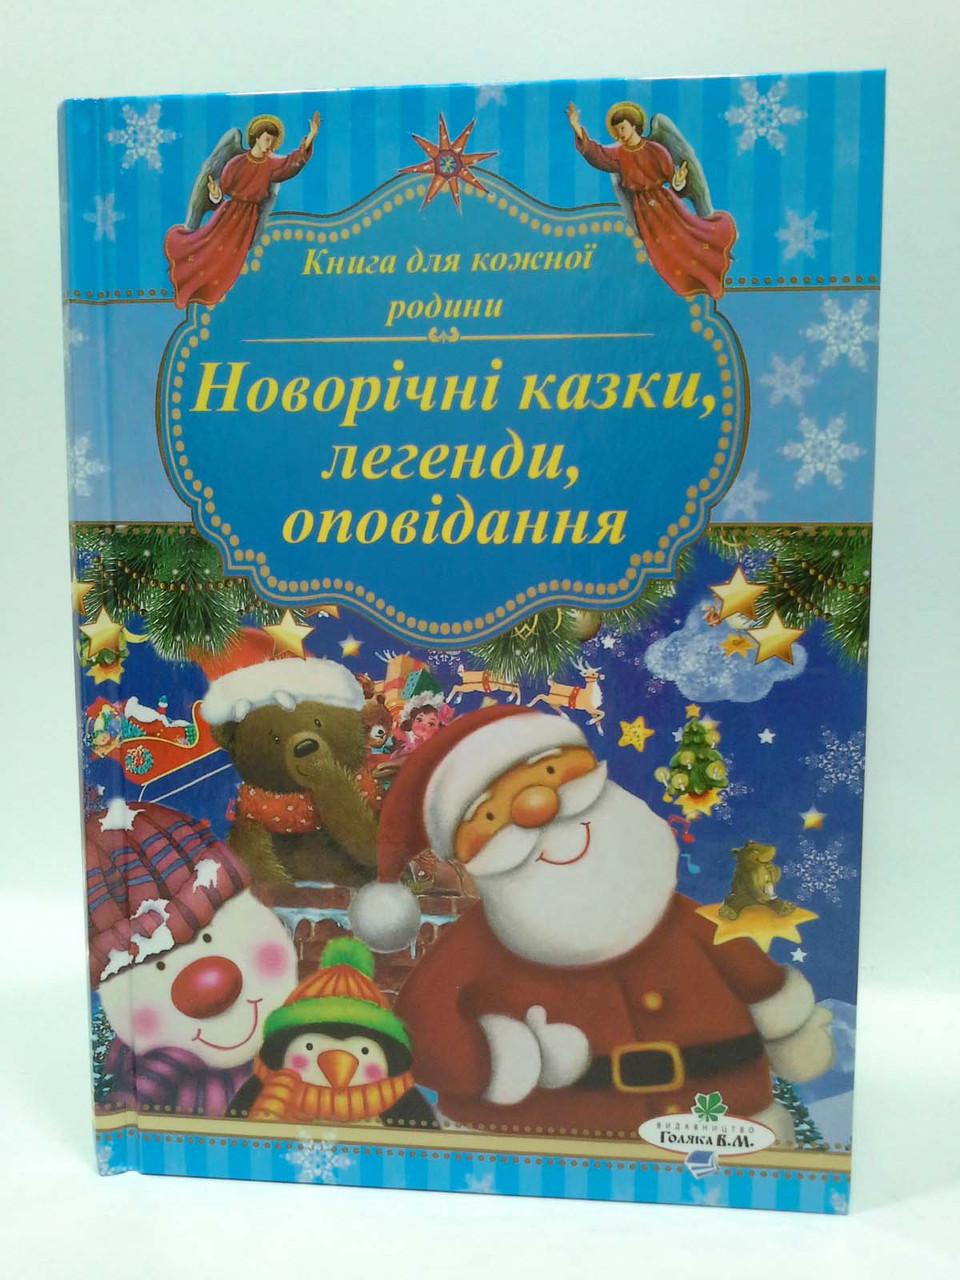 !Голяка (Новый год) Новорічні казки легенди оповідання (голубая)